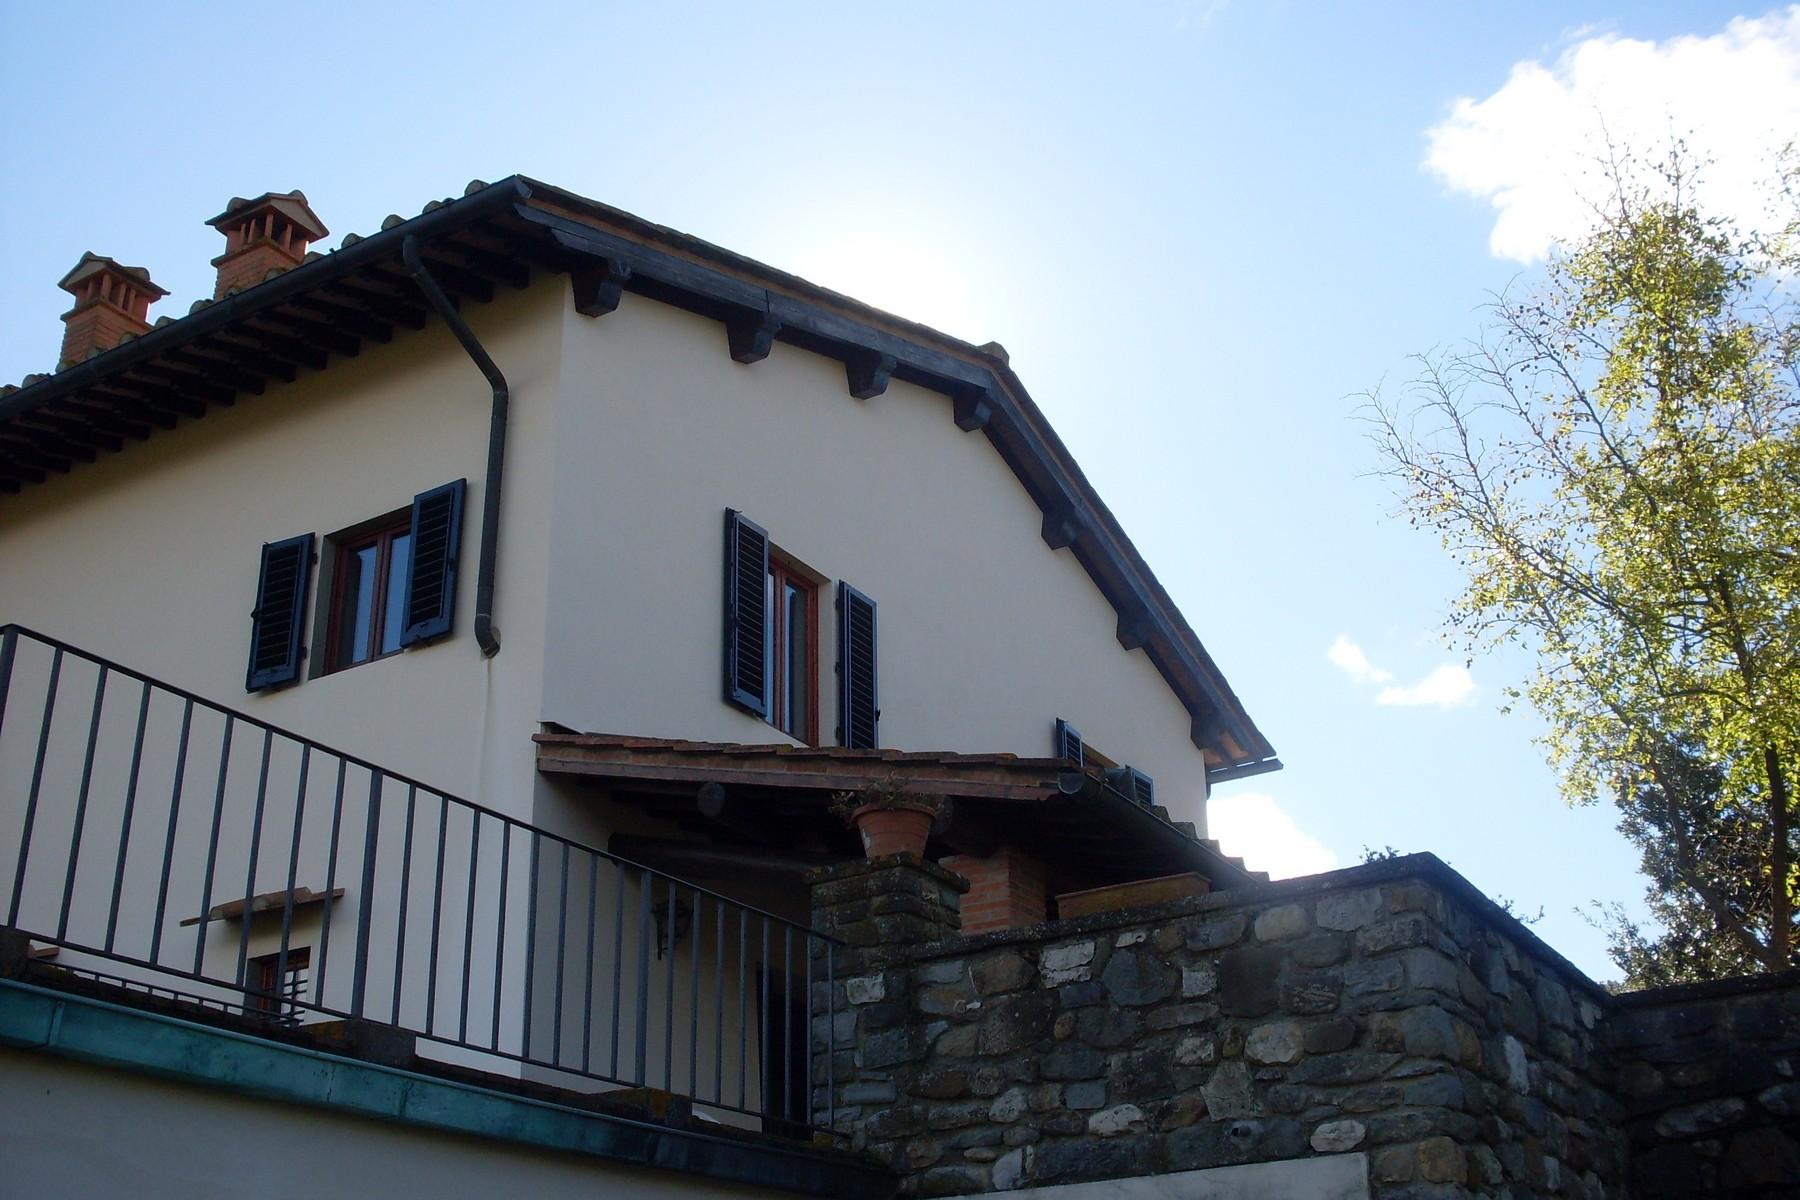 Rustico in Vendita a Bagno A Ripoli: 5 locali, 1385 mq - Foto 7